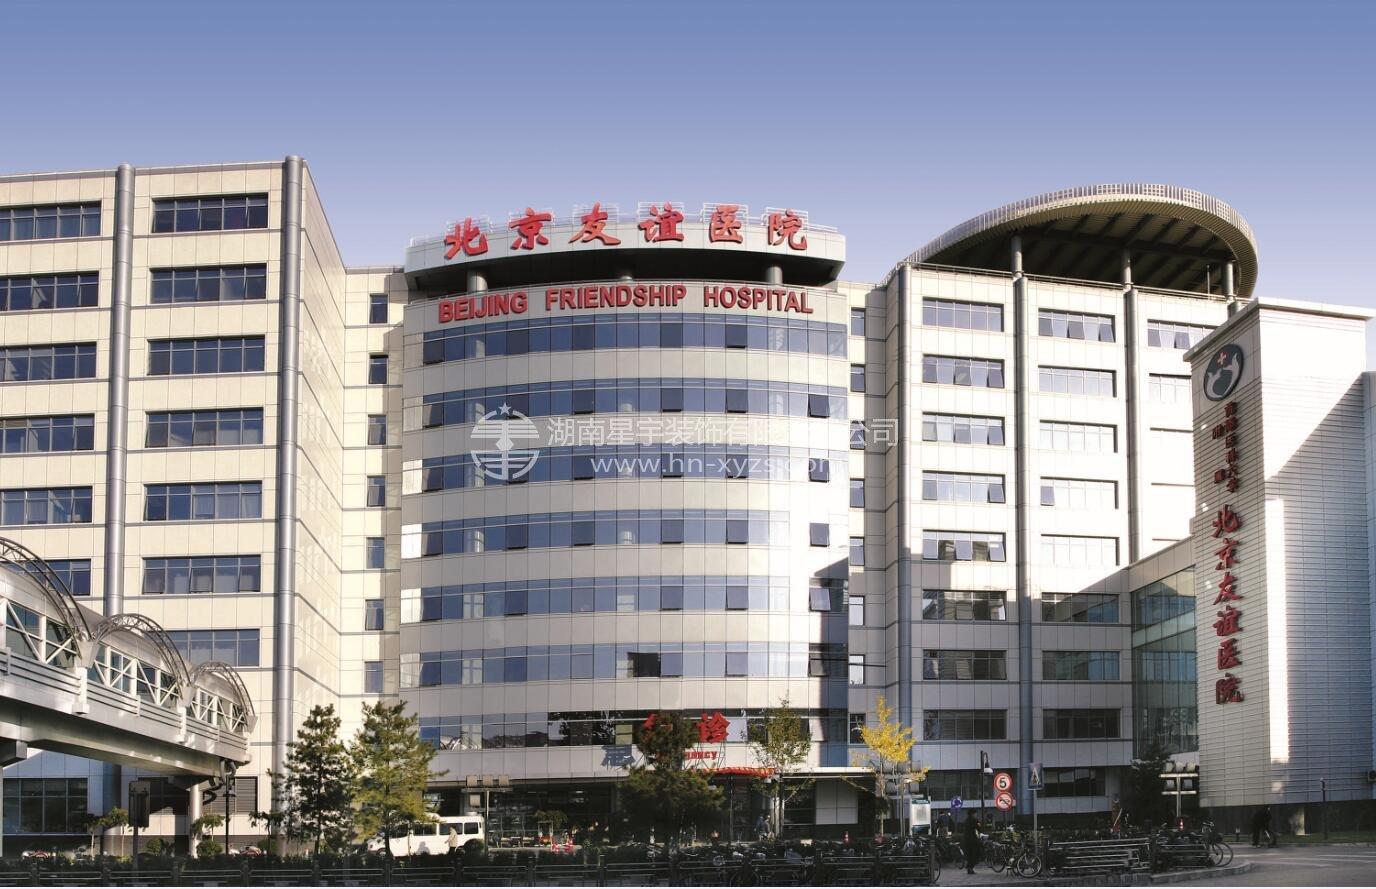 北京友誼醫院綜合樓